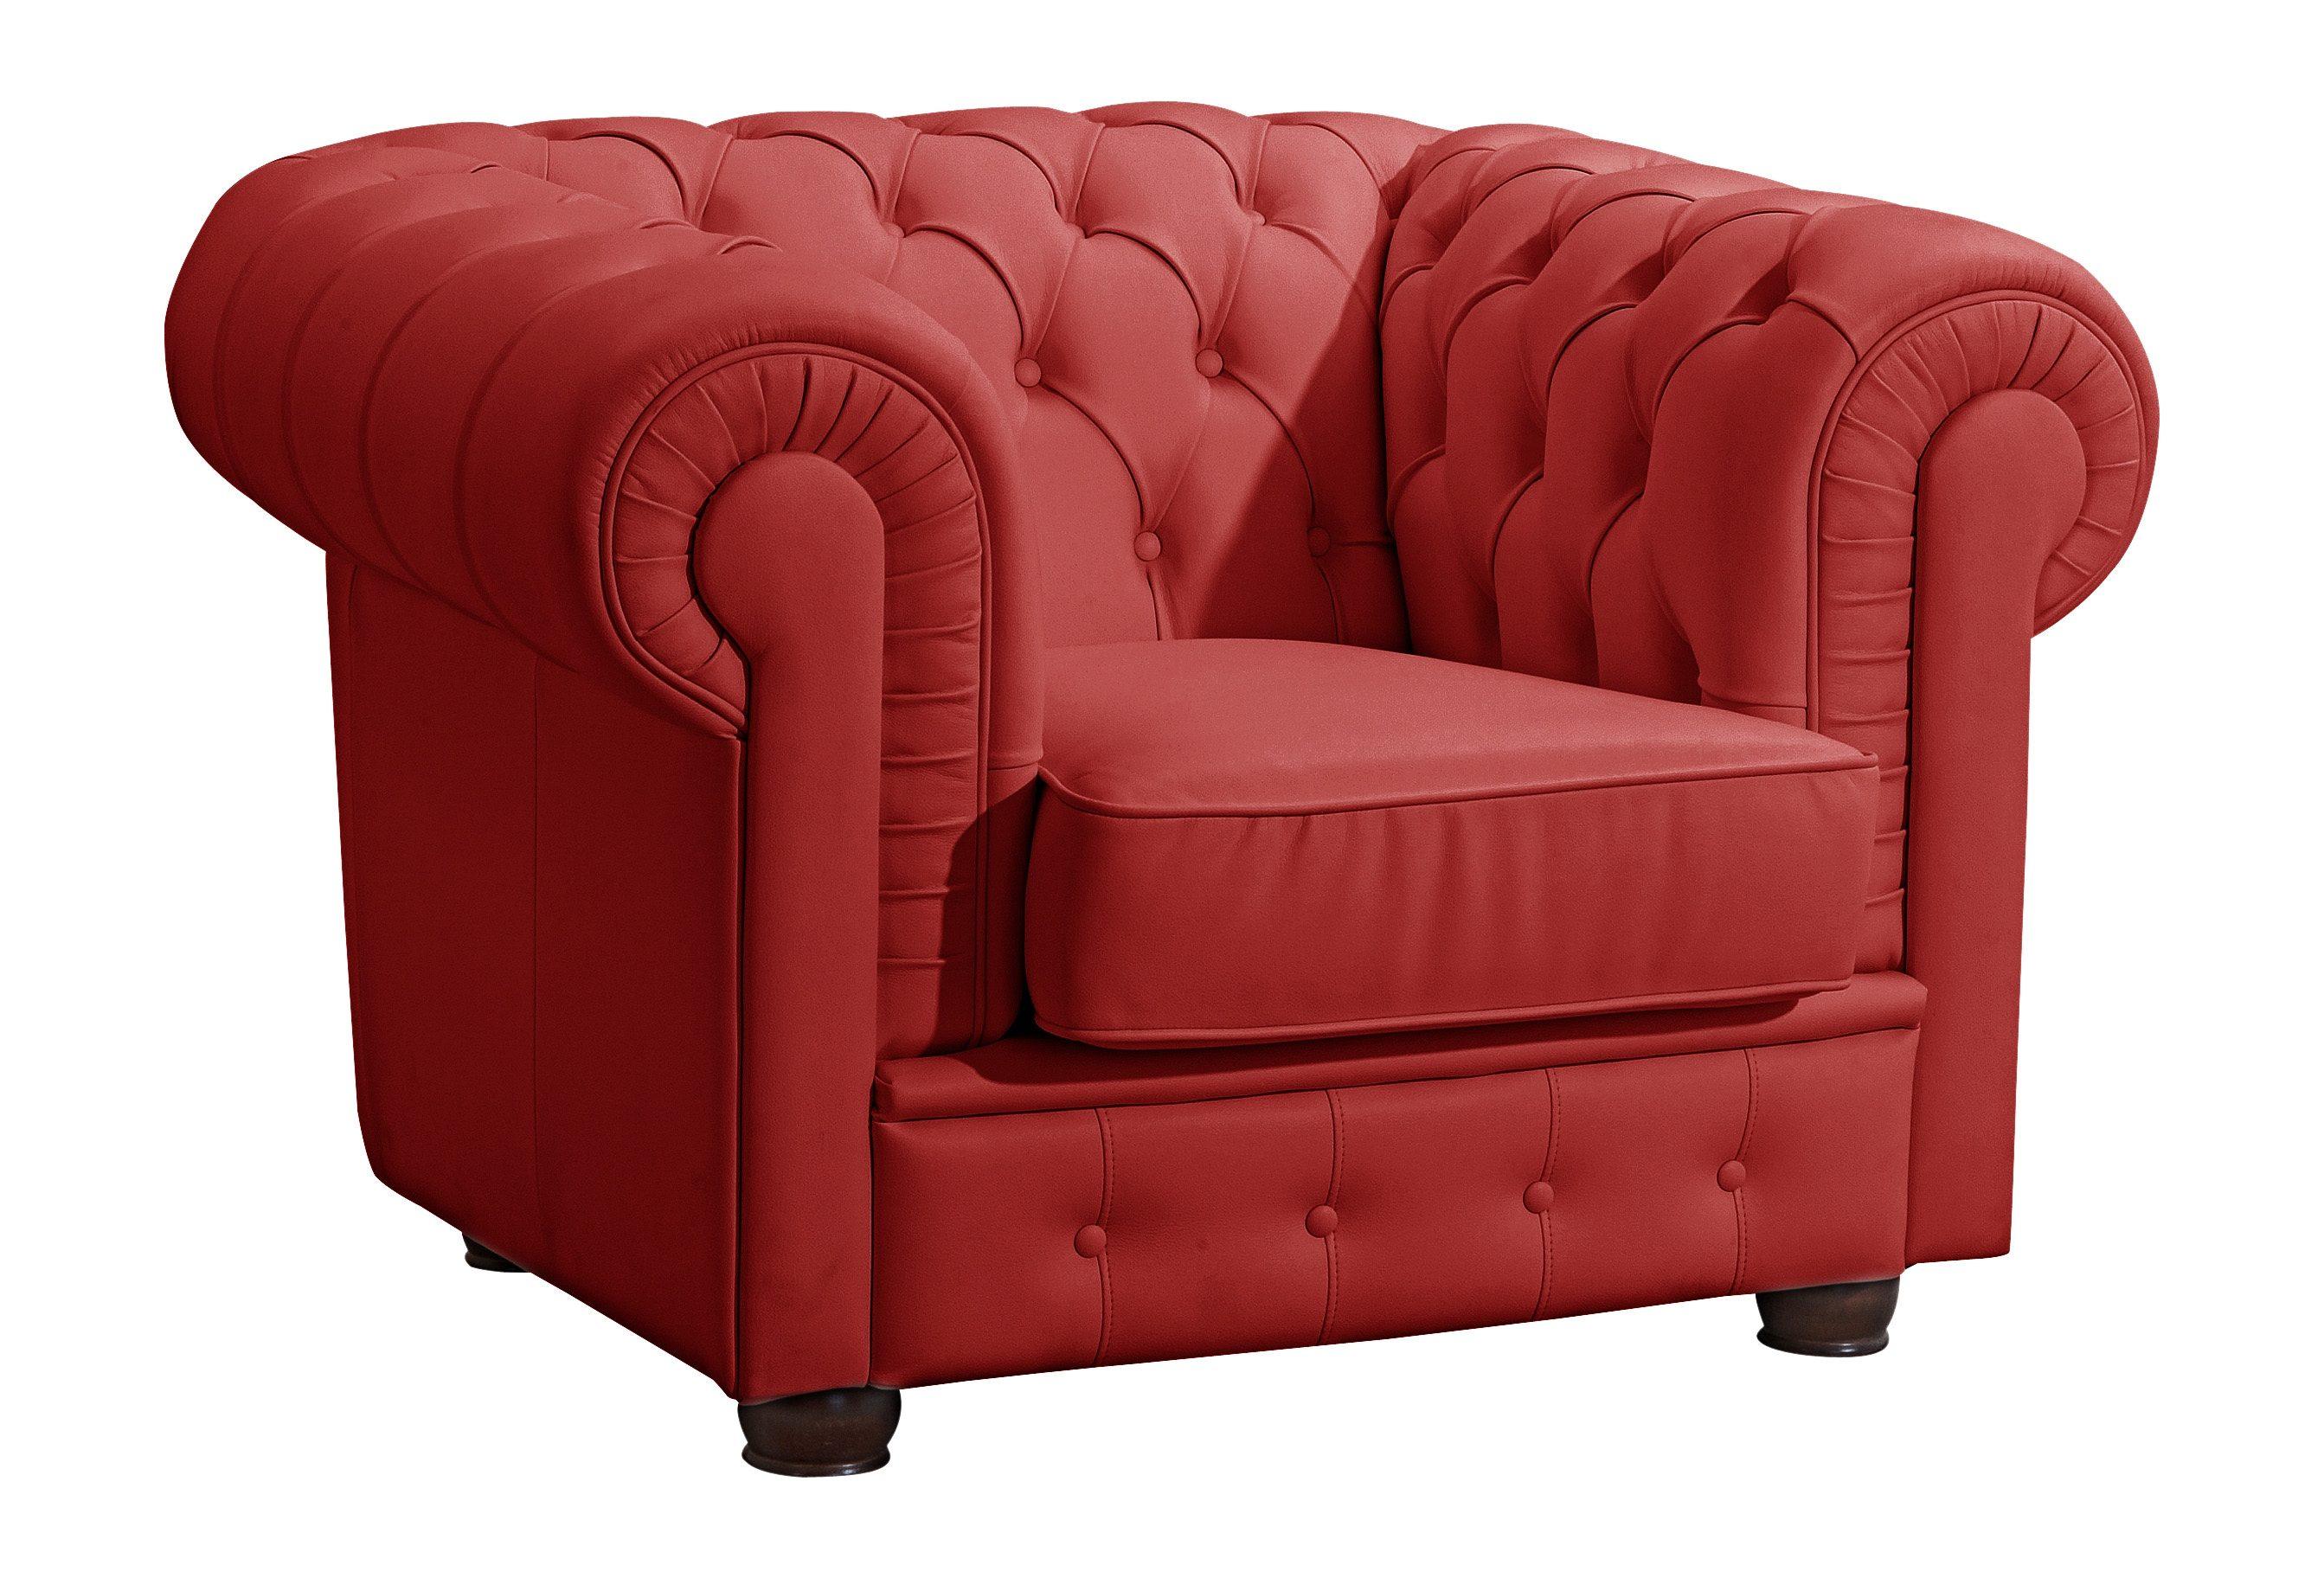 kunstleder chesterfield sessel online kaufen m bel suchmaschine. Black Bedroom Furniture Sets. Home Design Ideas